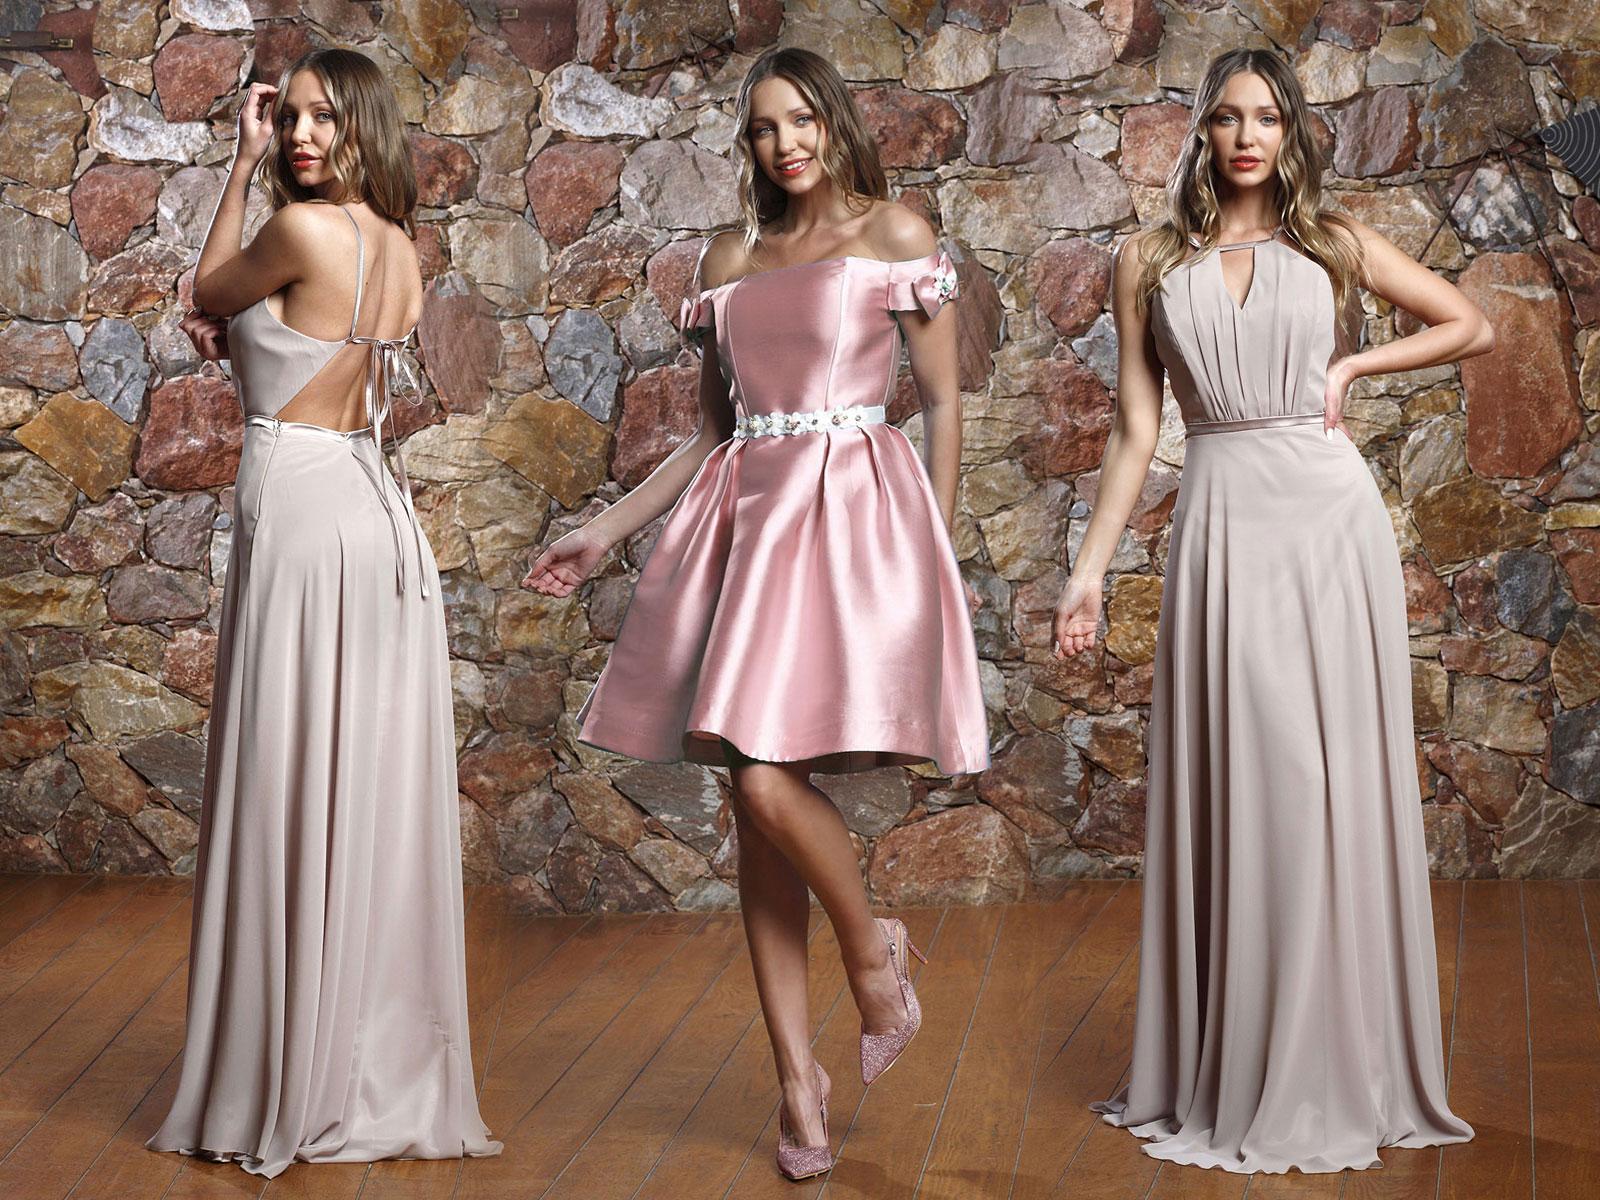 5164236067aa Βραδυνά φορεματα για γαμο βαπτιση αμπιγιε βραδυνα φορεματα μοντερνα νονα  κουμπαρα Α1 Γυναικεια ρουχα φορεματα βραδυνα για πολιτικο γαμο αρραβωνα  φορμες ...